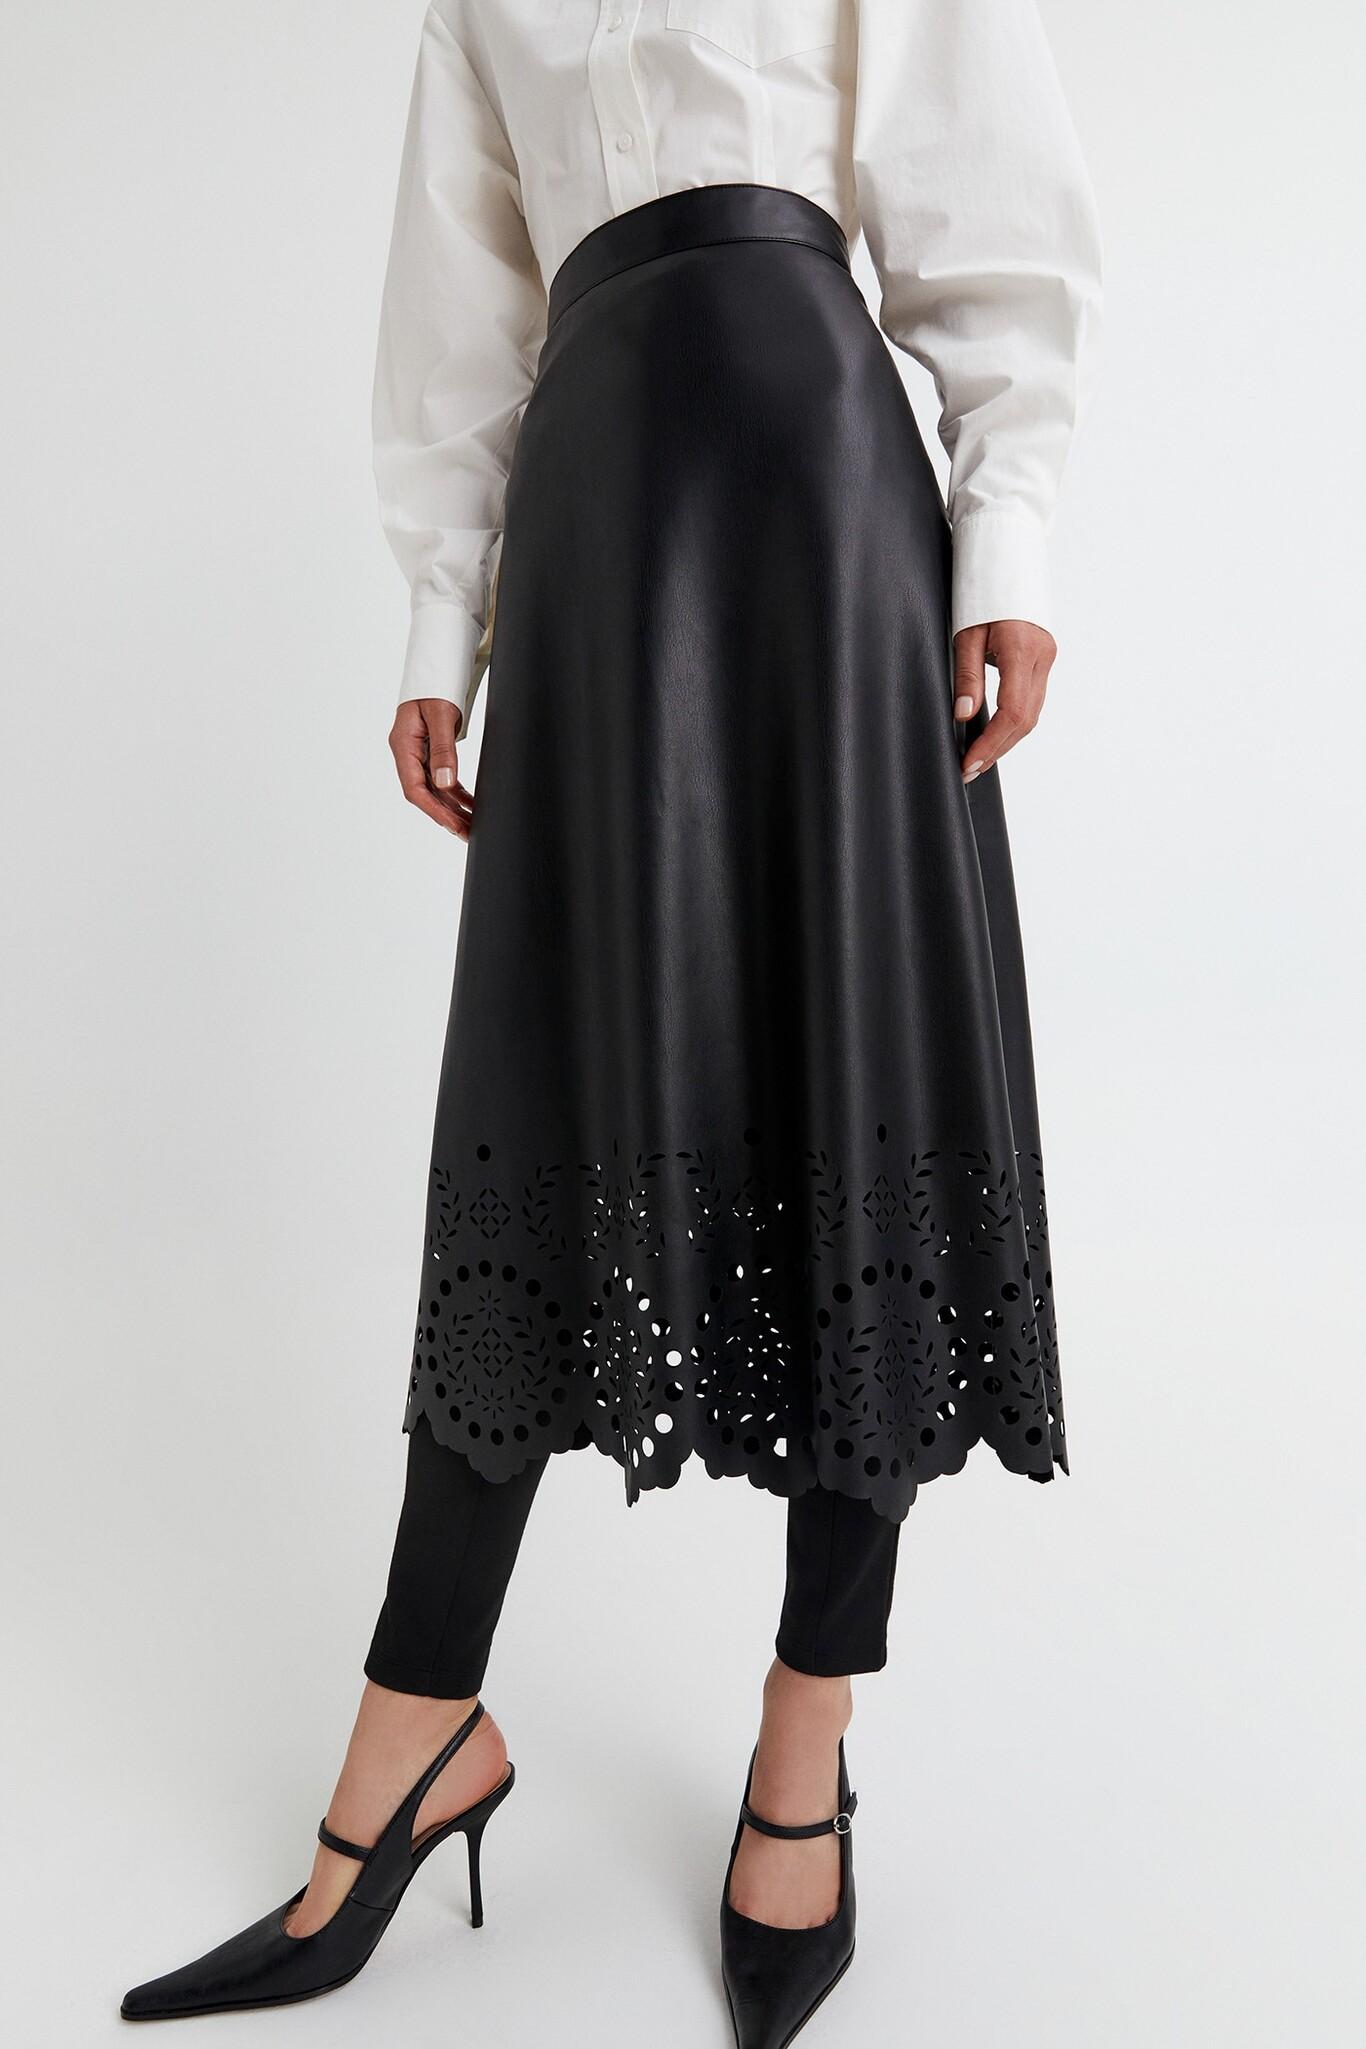 Faldas fruncidas, plisadas, de punto, con nudo o lazada, de polipiel y la  clásica vaquera son los modelos de moda este Otoño-Invierno 2010/2021